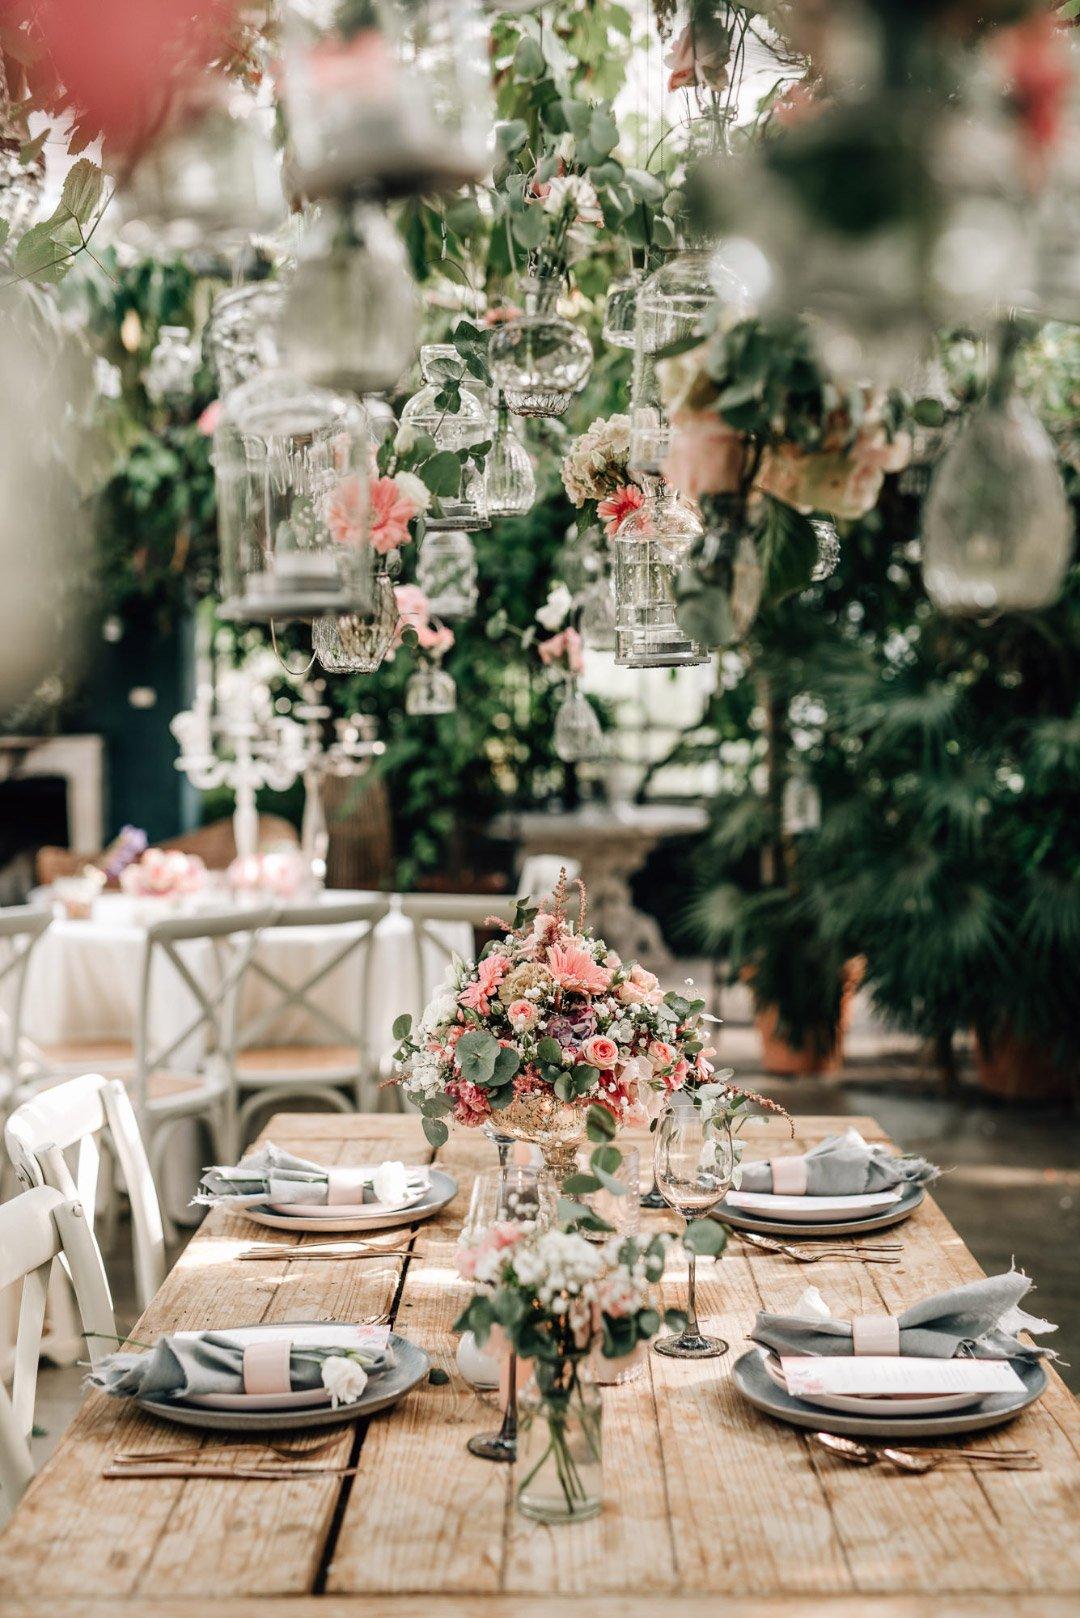 Der fertig dekorierte Tisch zusammen mit der hängenden Dekoration bei der Hochzeit